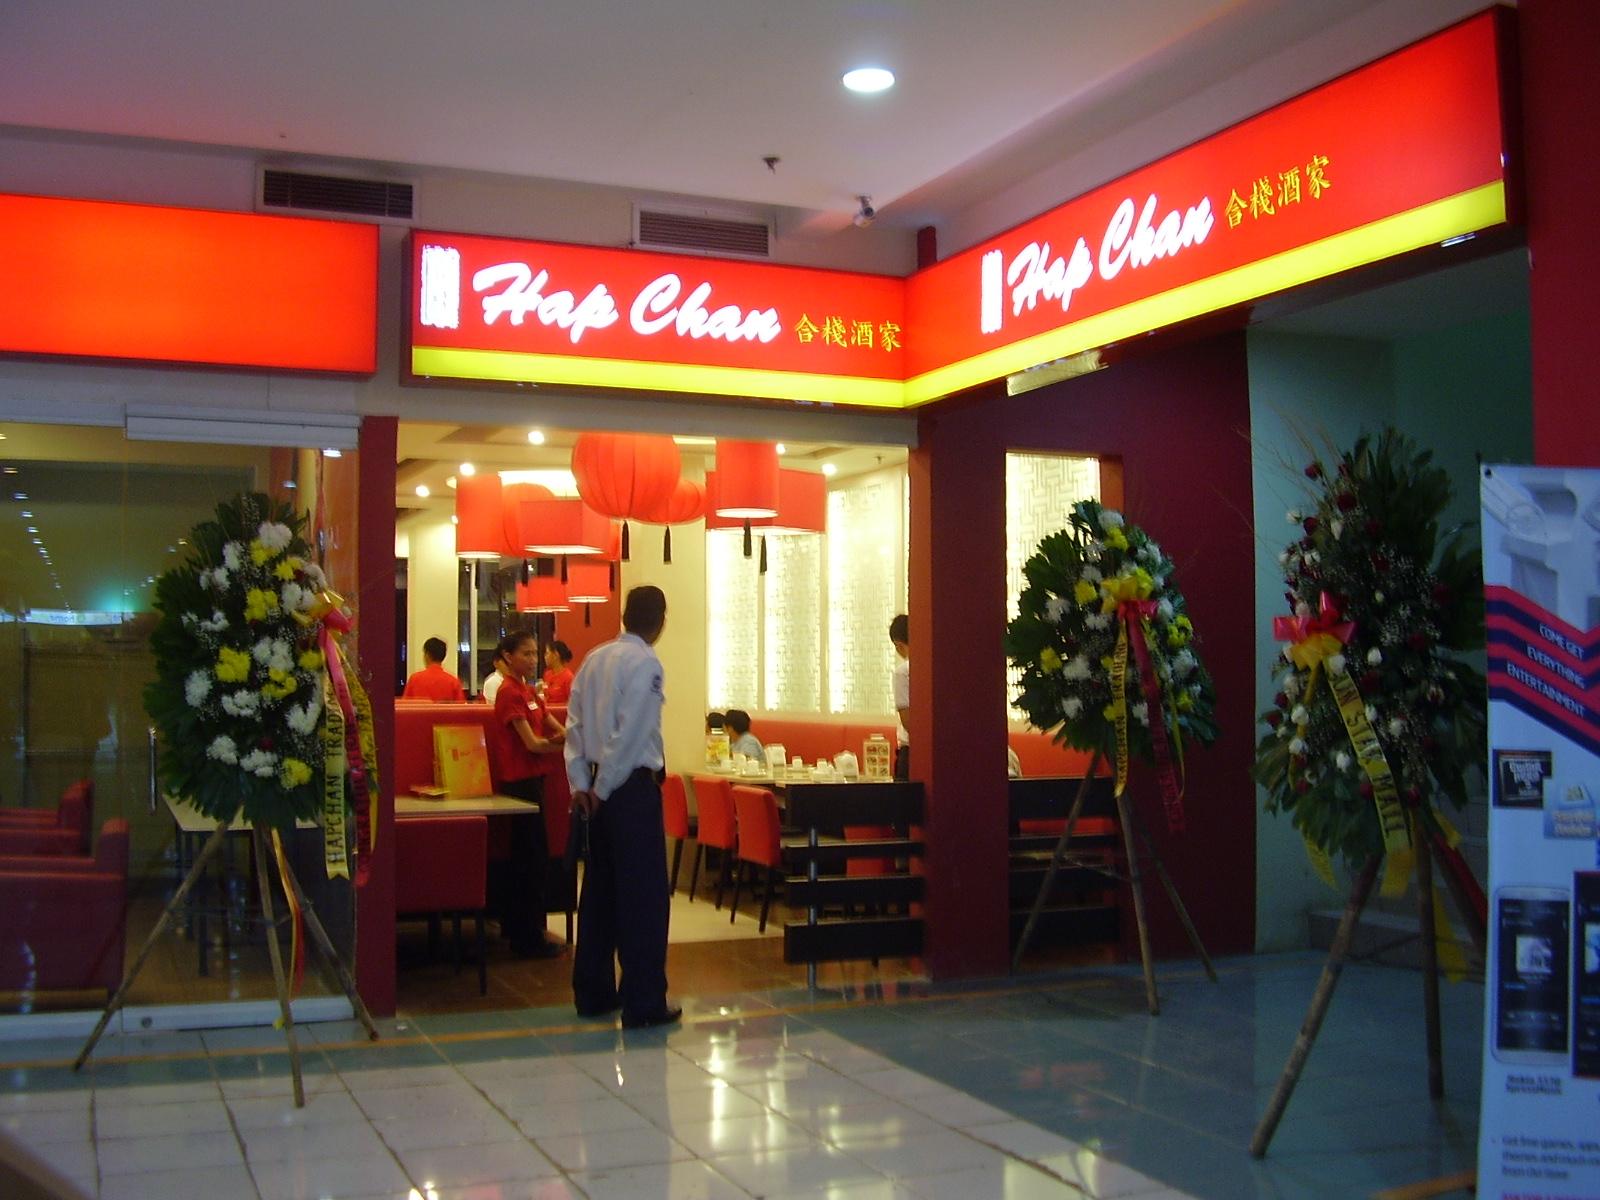 Chinese Food Laguna Beach